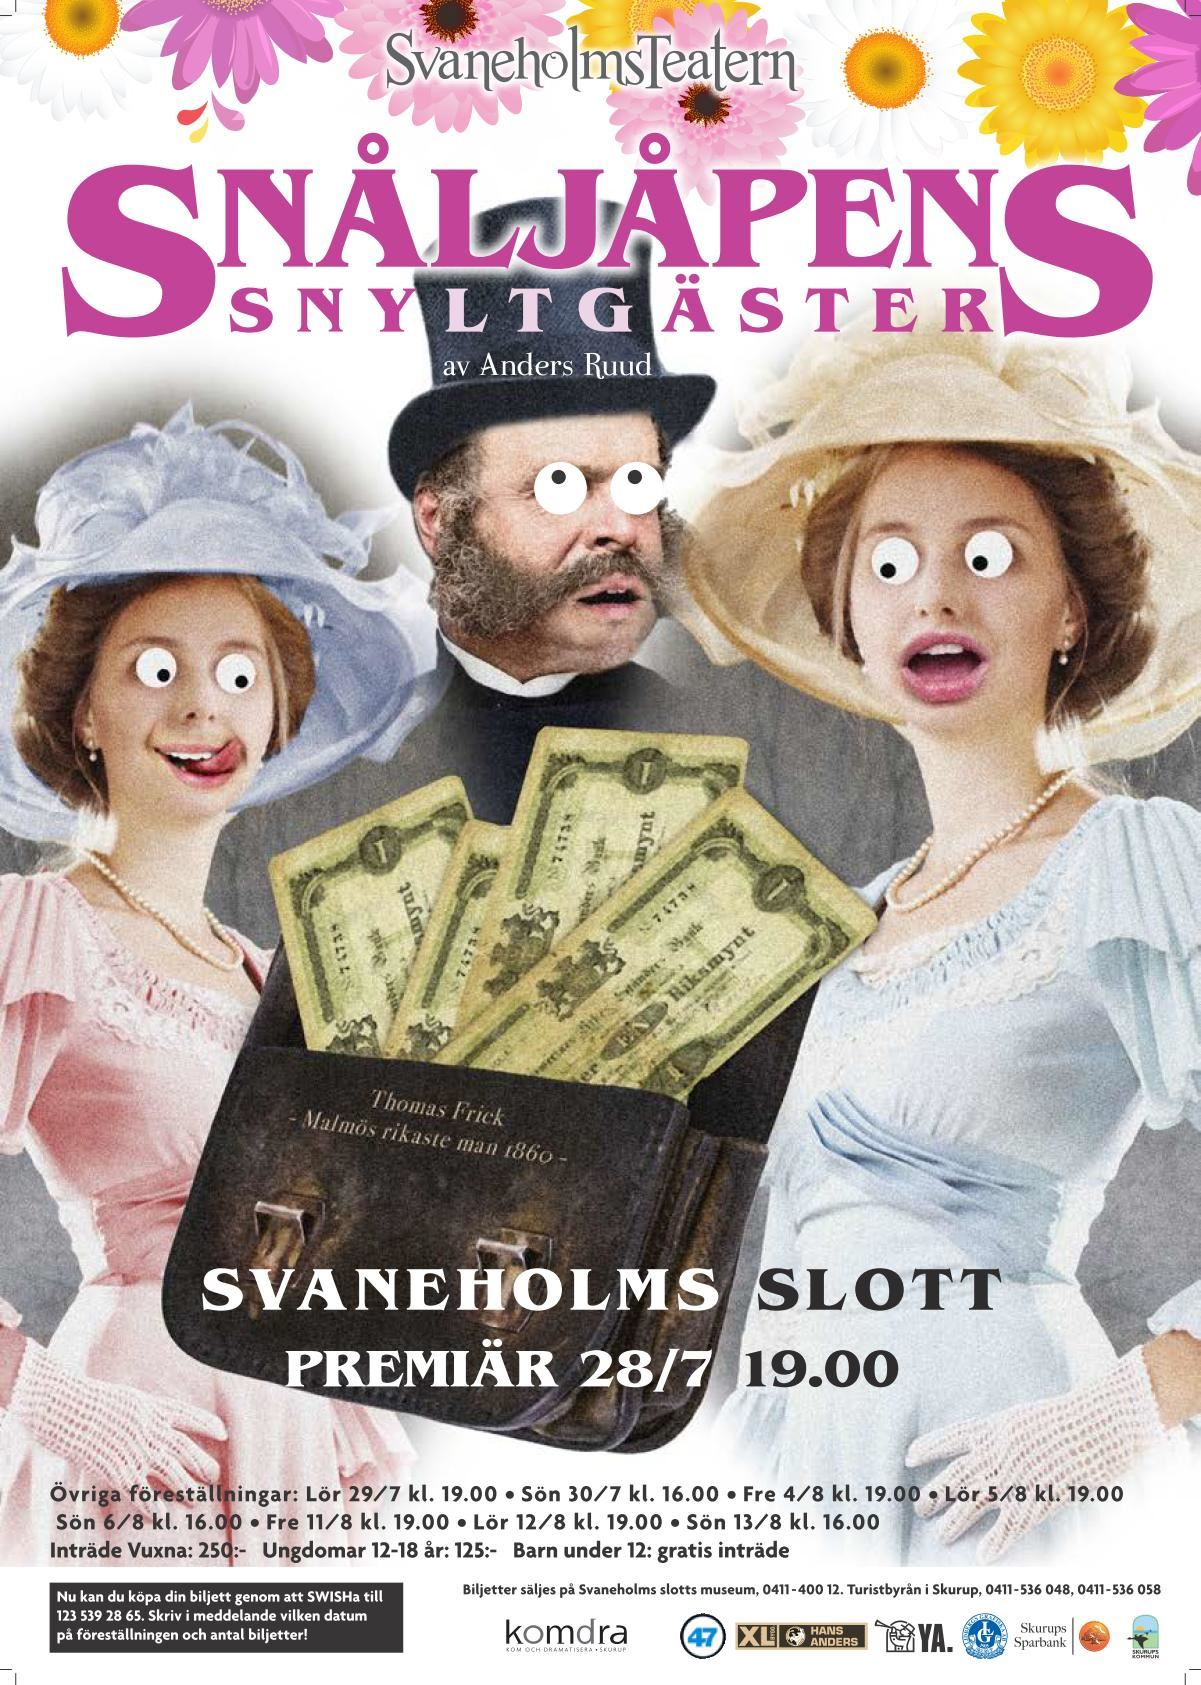 Snåljåpens snyltgäster, av Anders Ruud